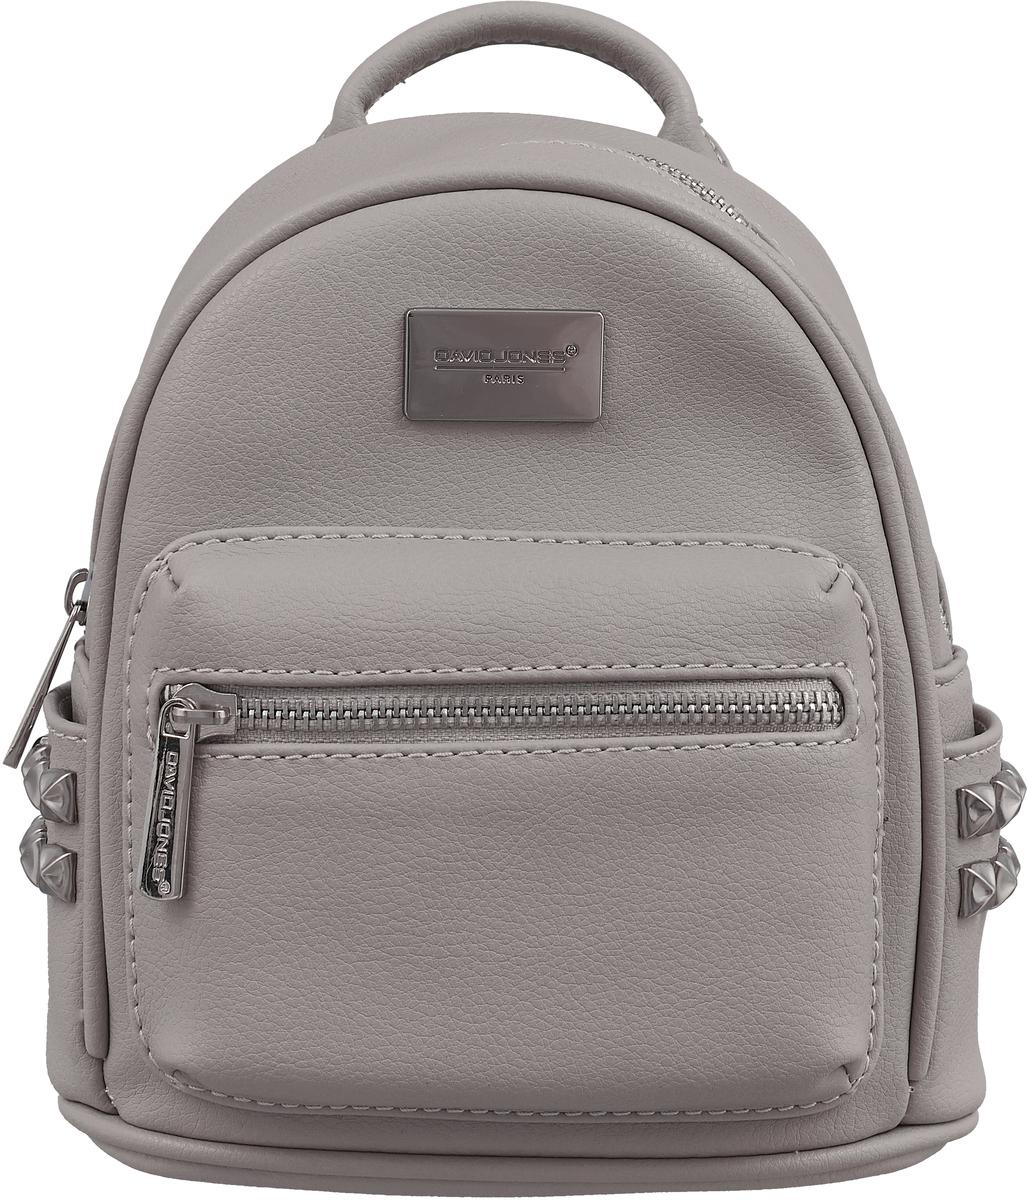 Рюкзак женский David Jones, цвет: серый. CM3657A/L.GREY david baddiel aylesbury